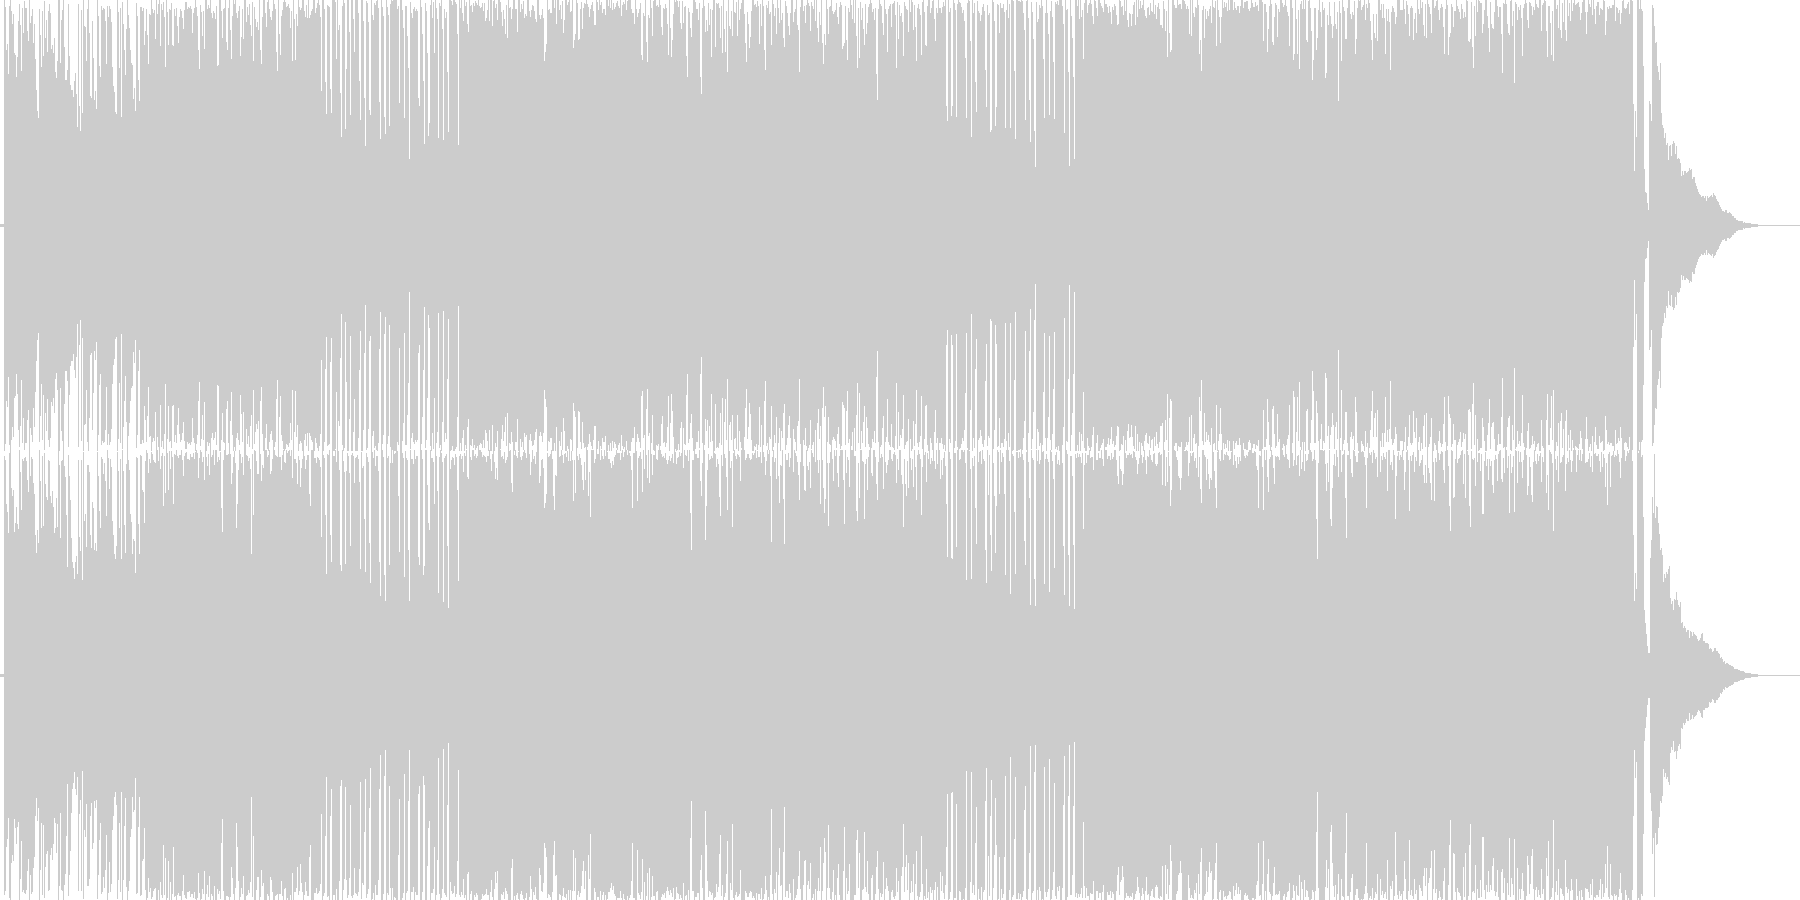 軽快ハッピーなアコースティック・ポップの未再生の波形